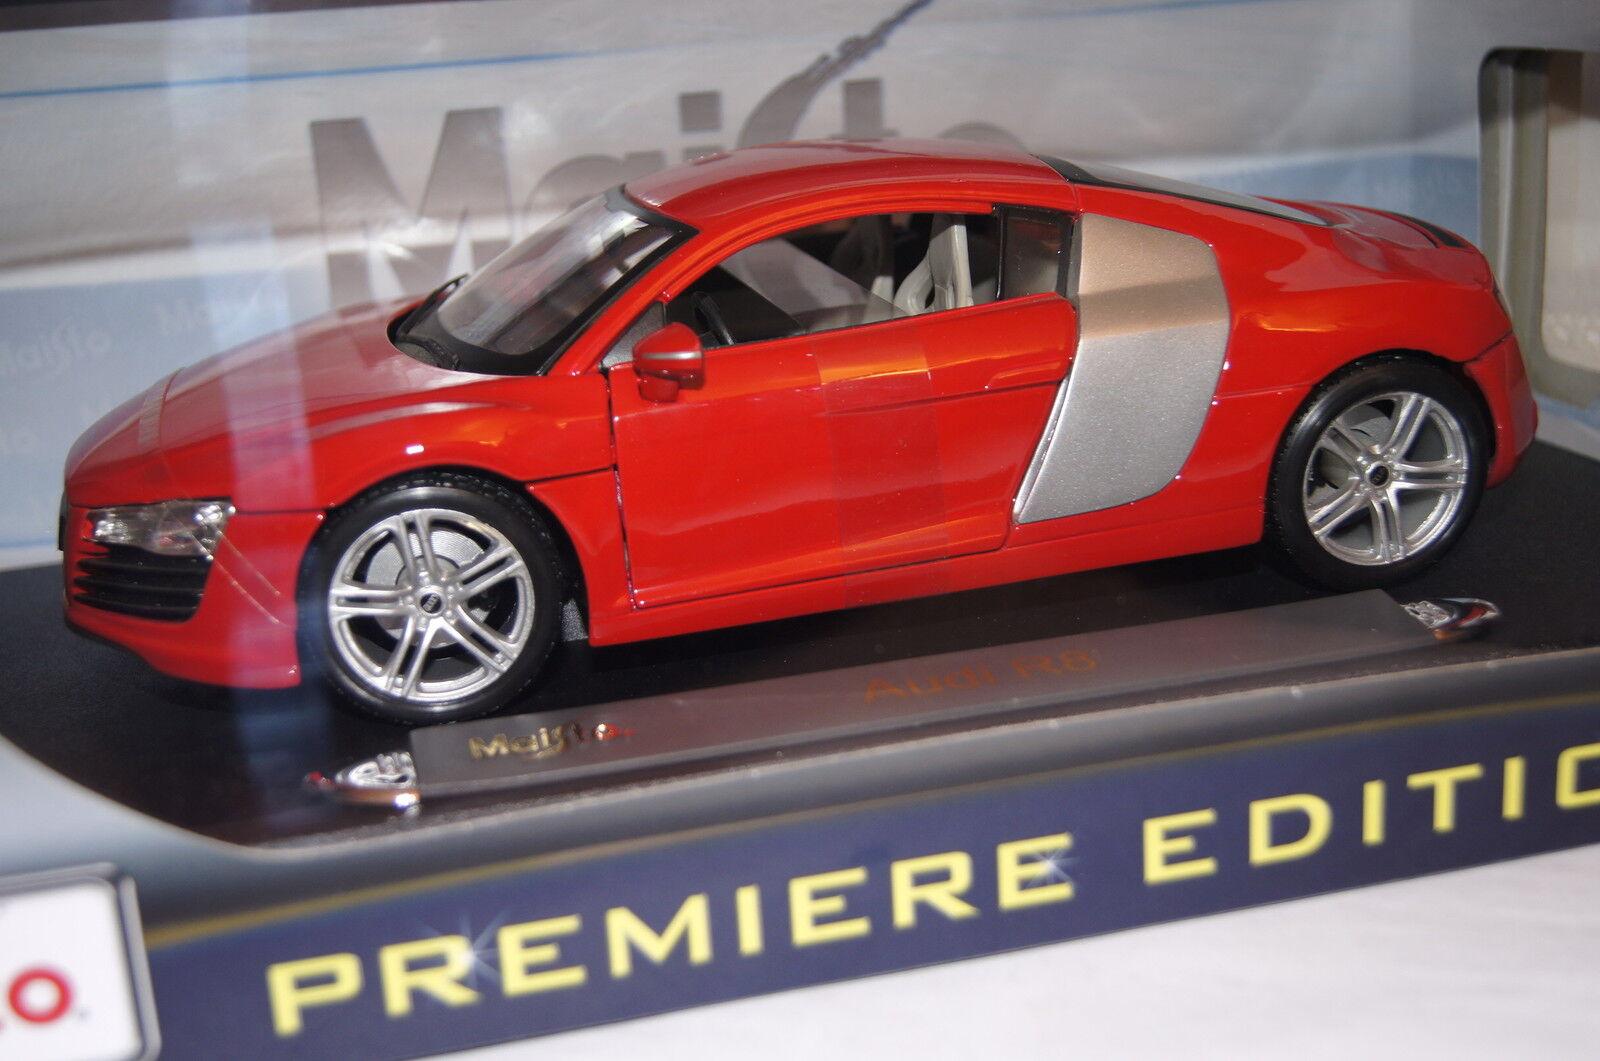 Sin impuestos Audi r8 rojo rojo rojo 1 18 maisto nuevo & OVP 31143  promociones de descuento